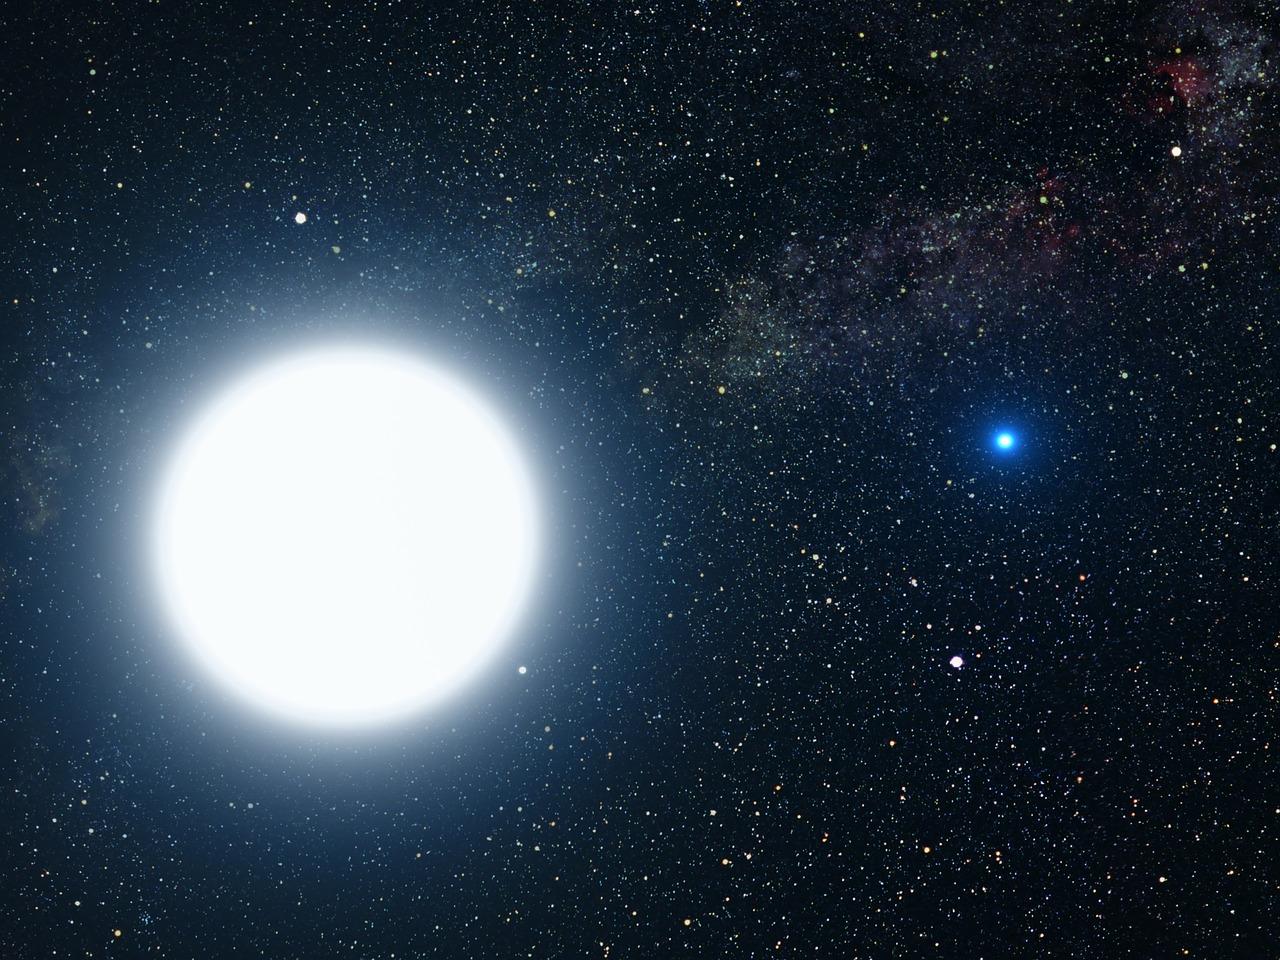 Notre étoile se transformera en une boule de cristal avant de mourir – SciencePost